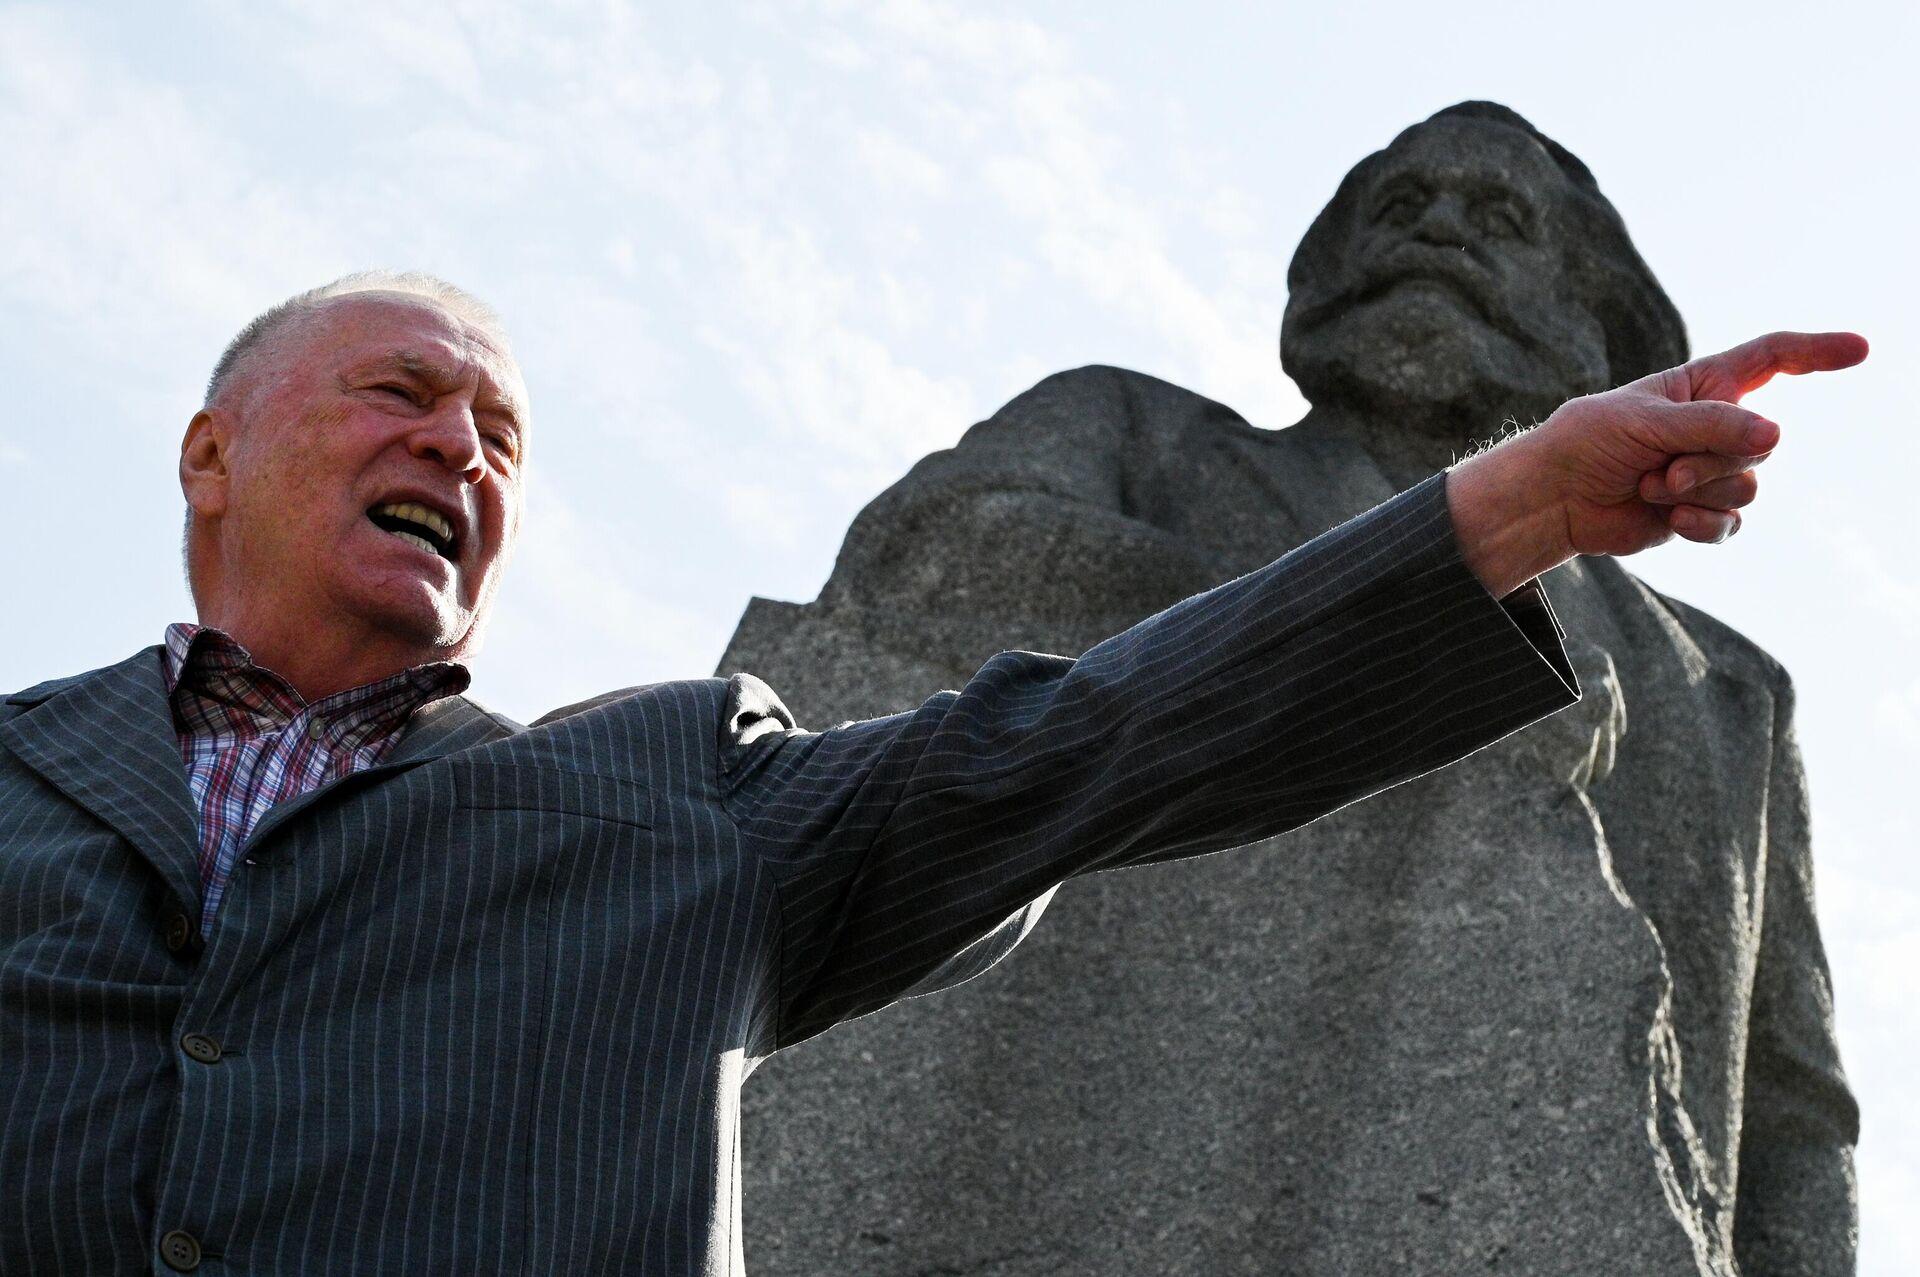 Лидер ЛДПР Владимир Жириновский выступает перед посетителями Фестиваля еды - РИА Новости, 1920, 09.09.2021